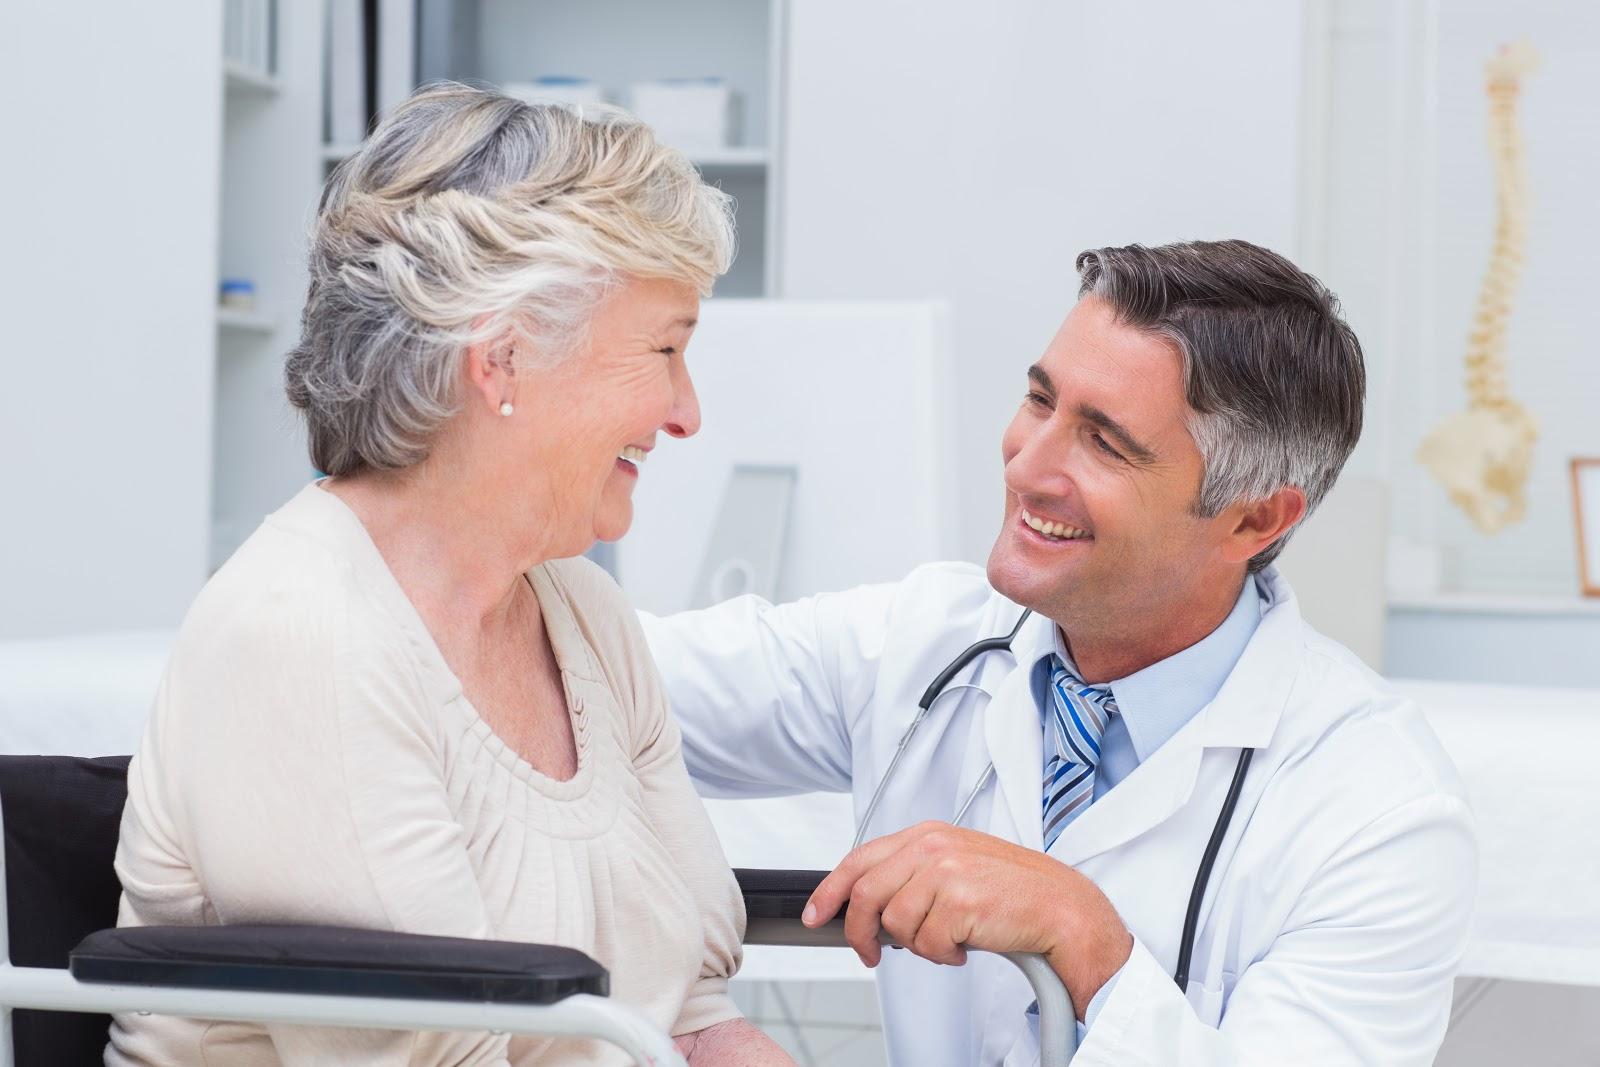 Reputation management benefits patients